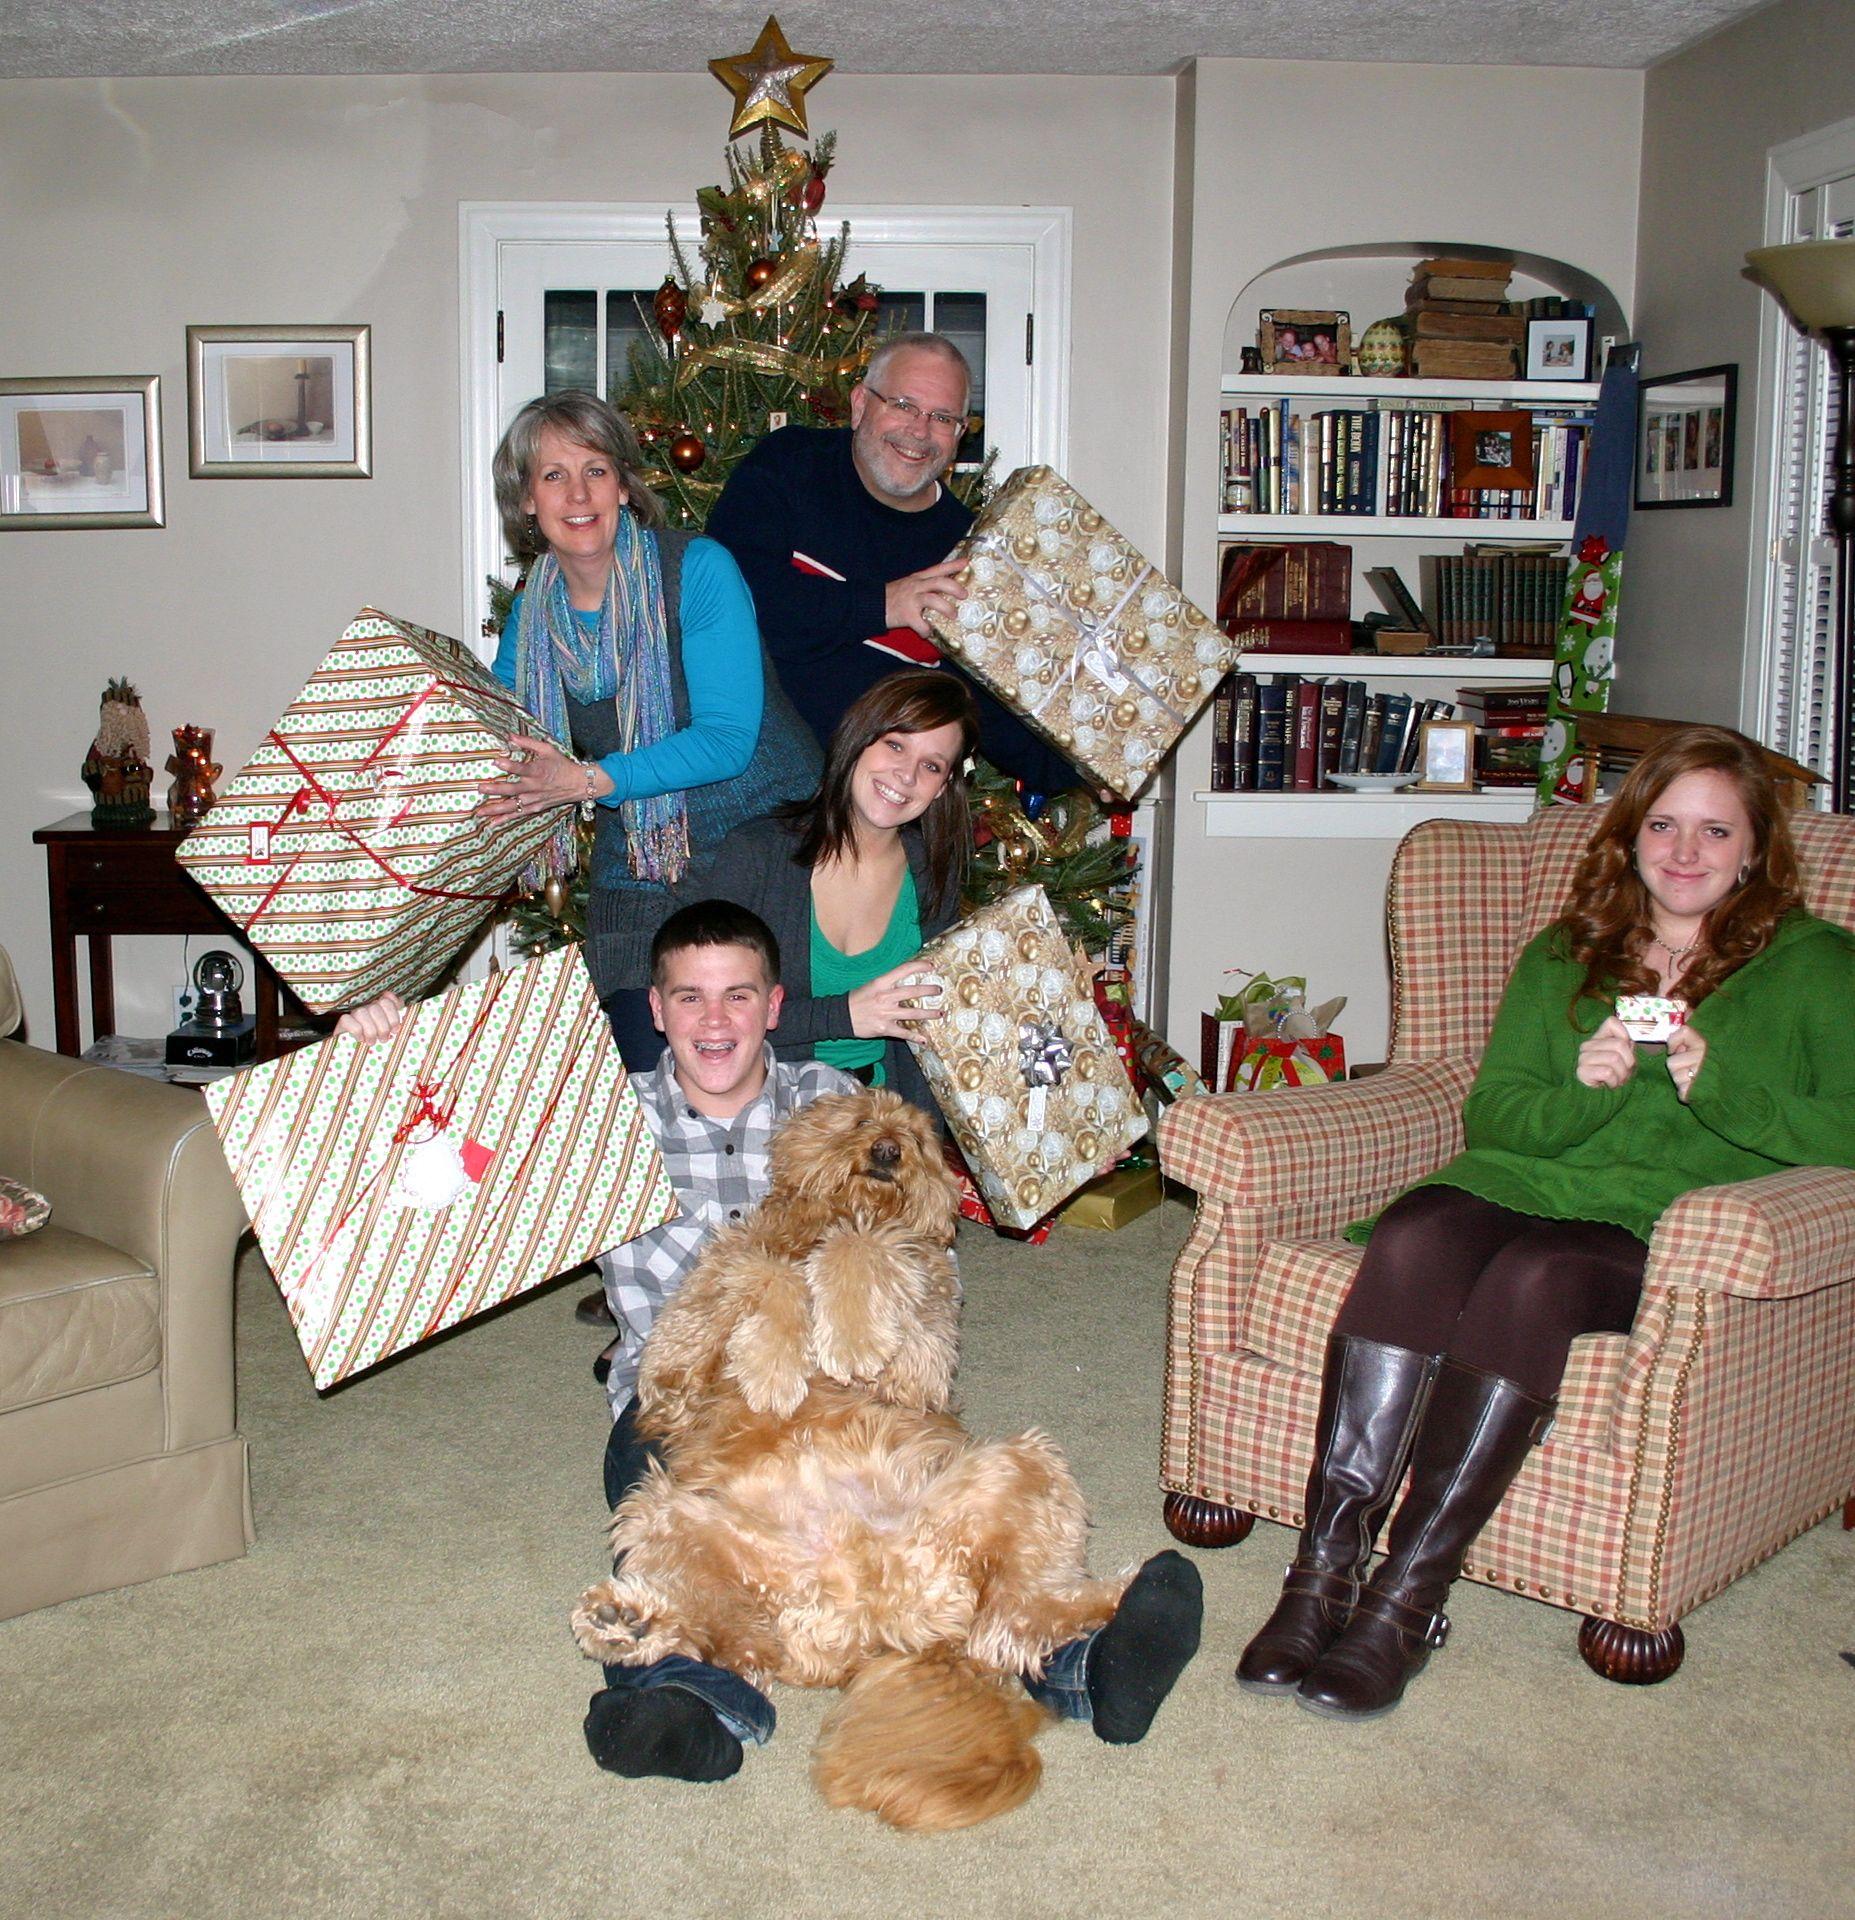 Last years Christmas card. On Awkward Family Photos